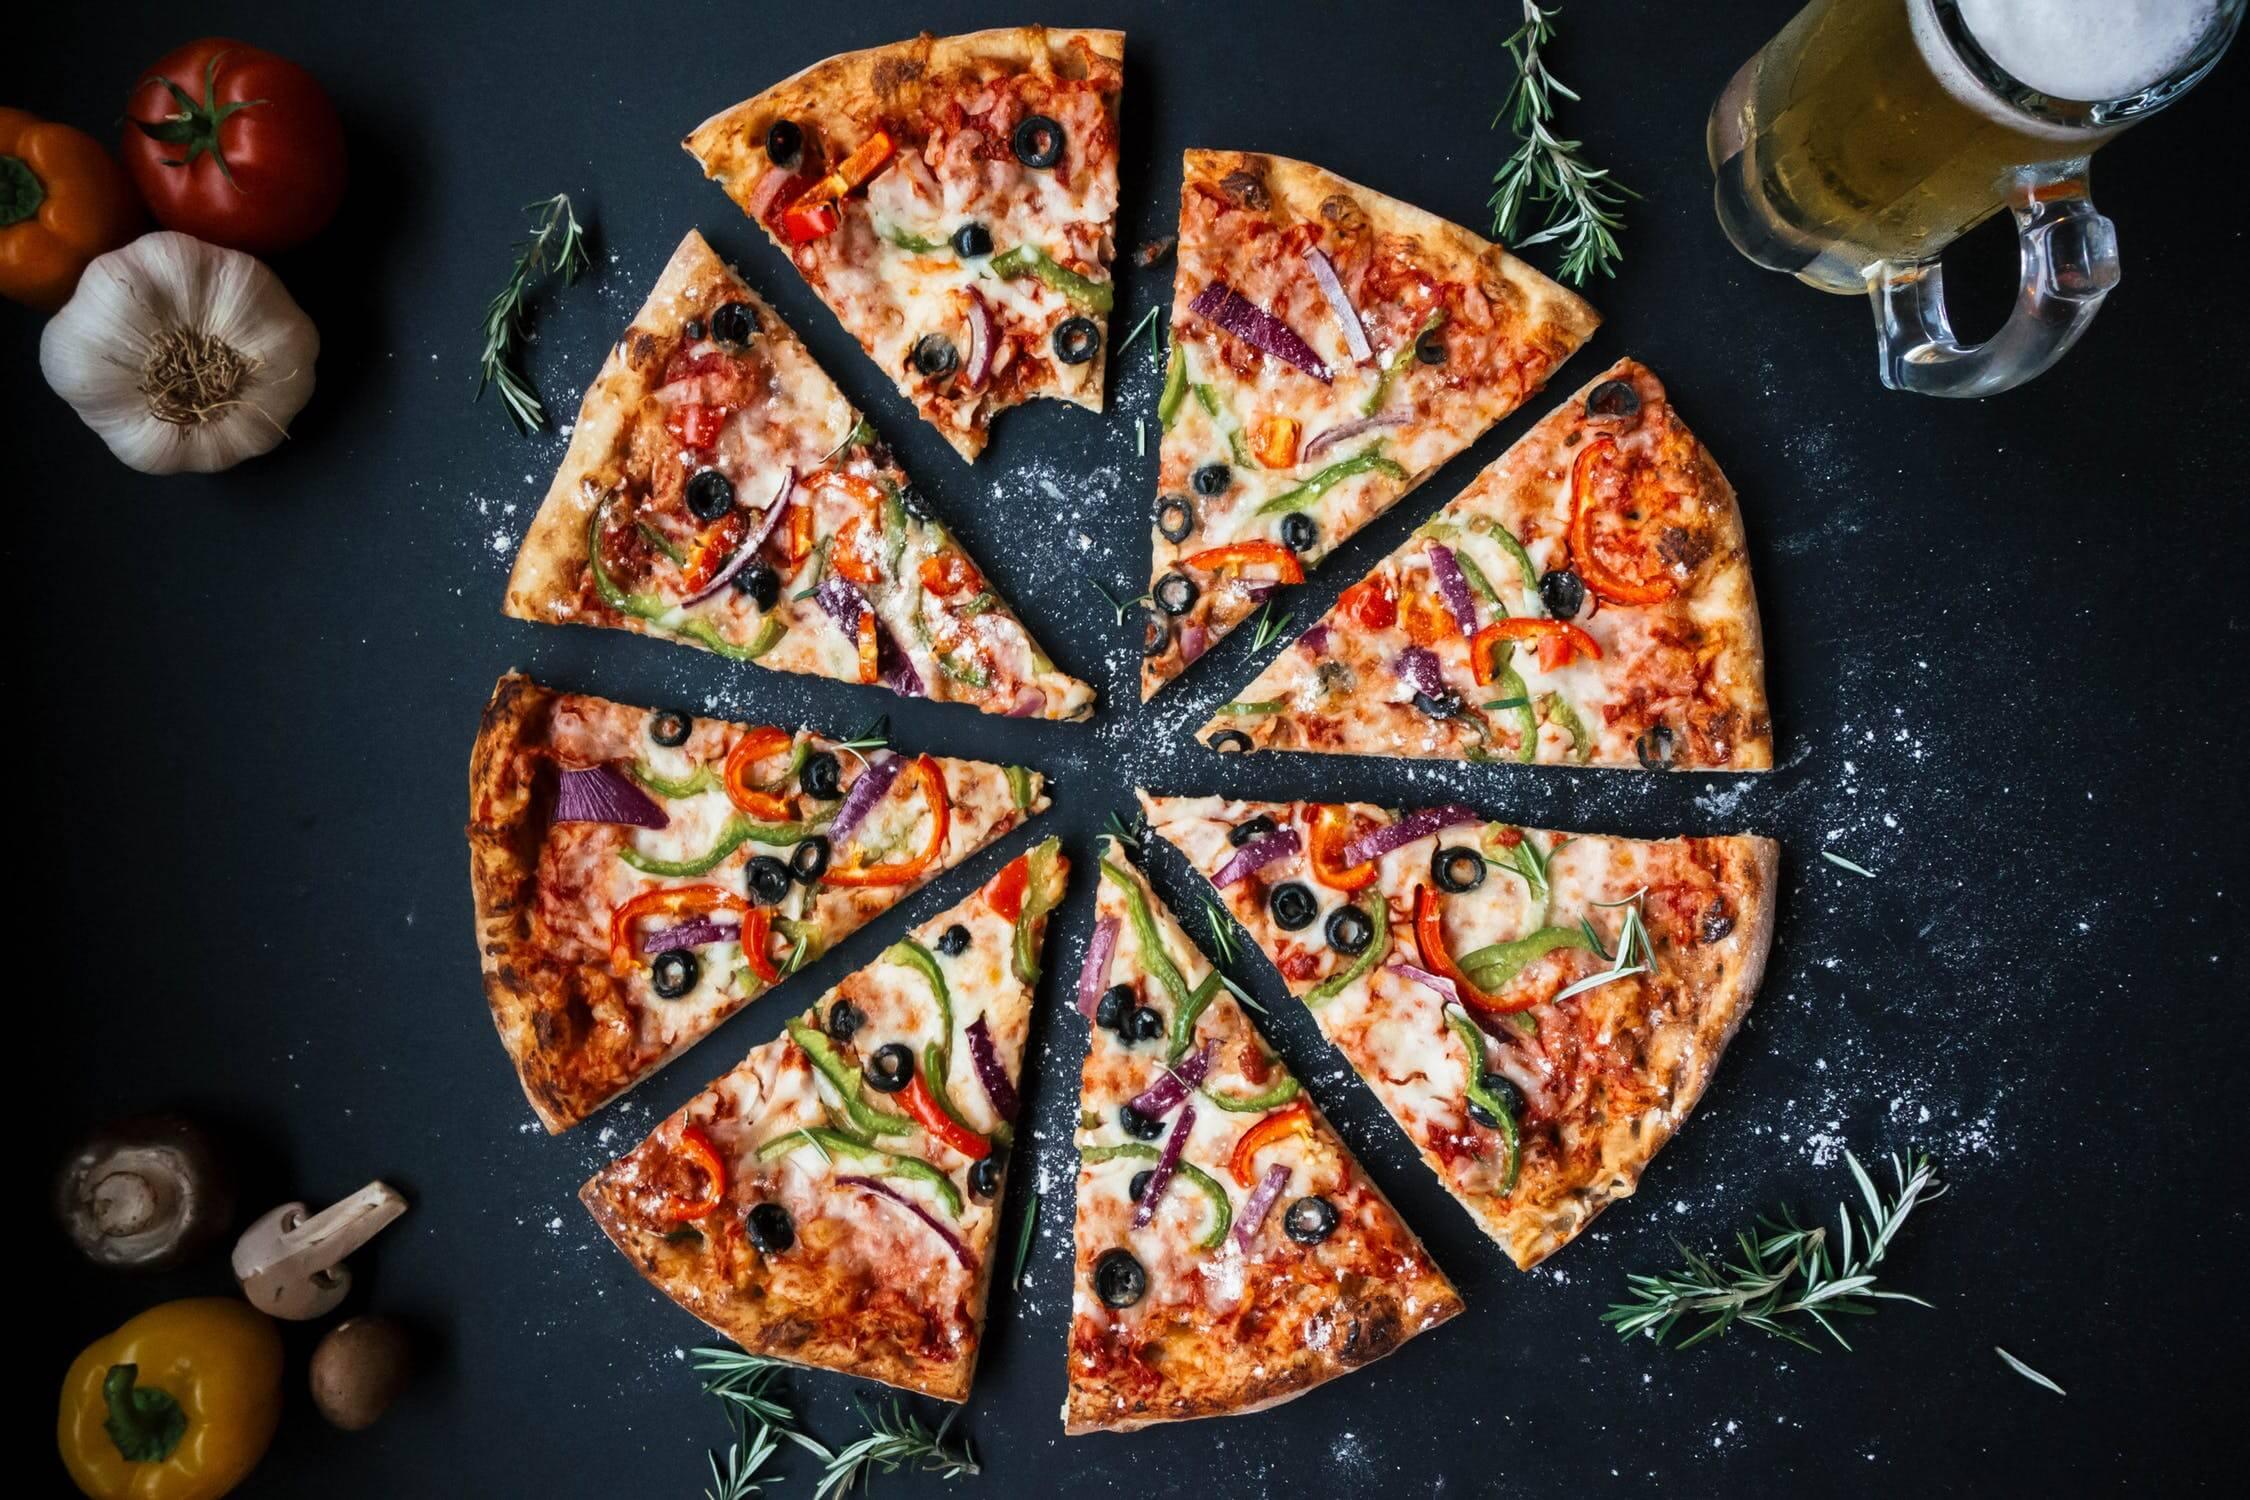 Na pizzu poukladajte to, čo máte radi